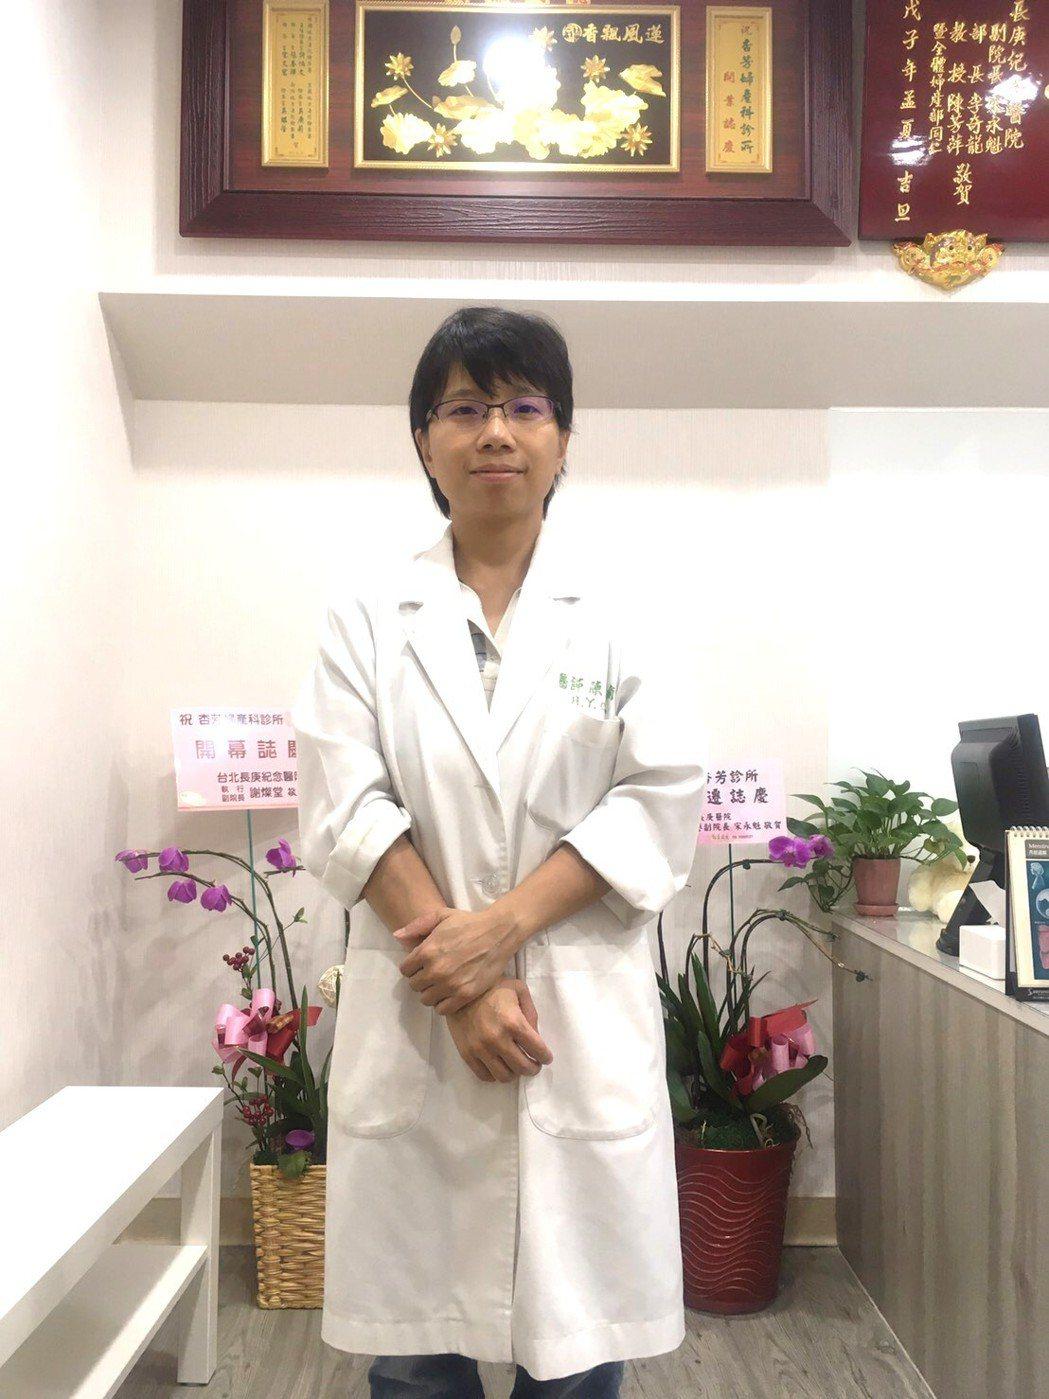 陳慧瑜院長表示,孕媽咪在懷孕12週後記得加強DHA,能從食物中攝取最好,若不足則...